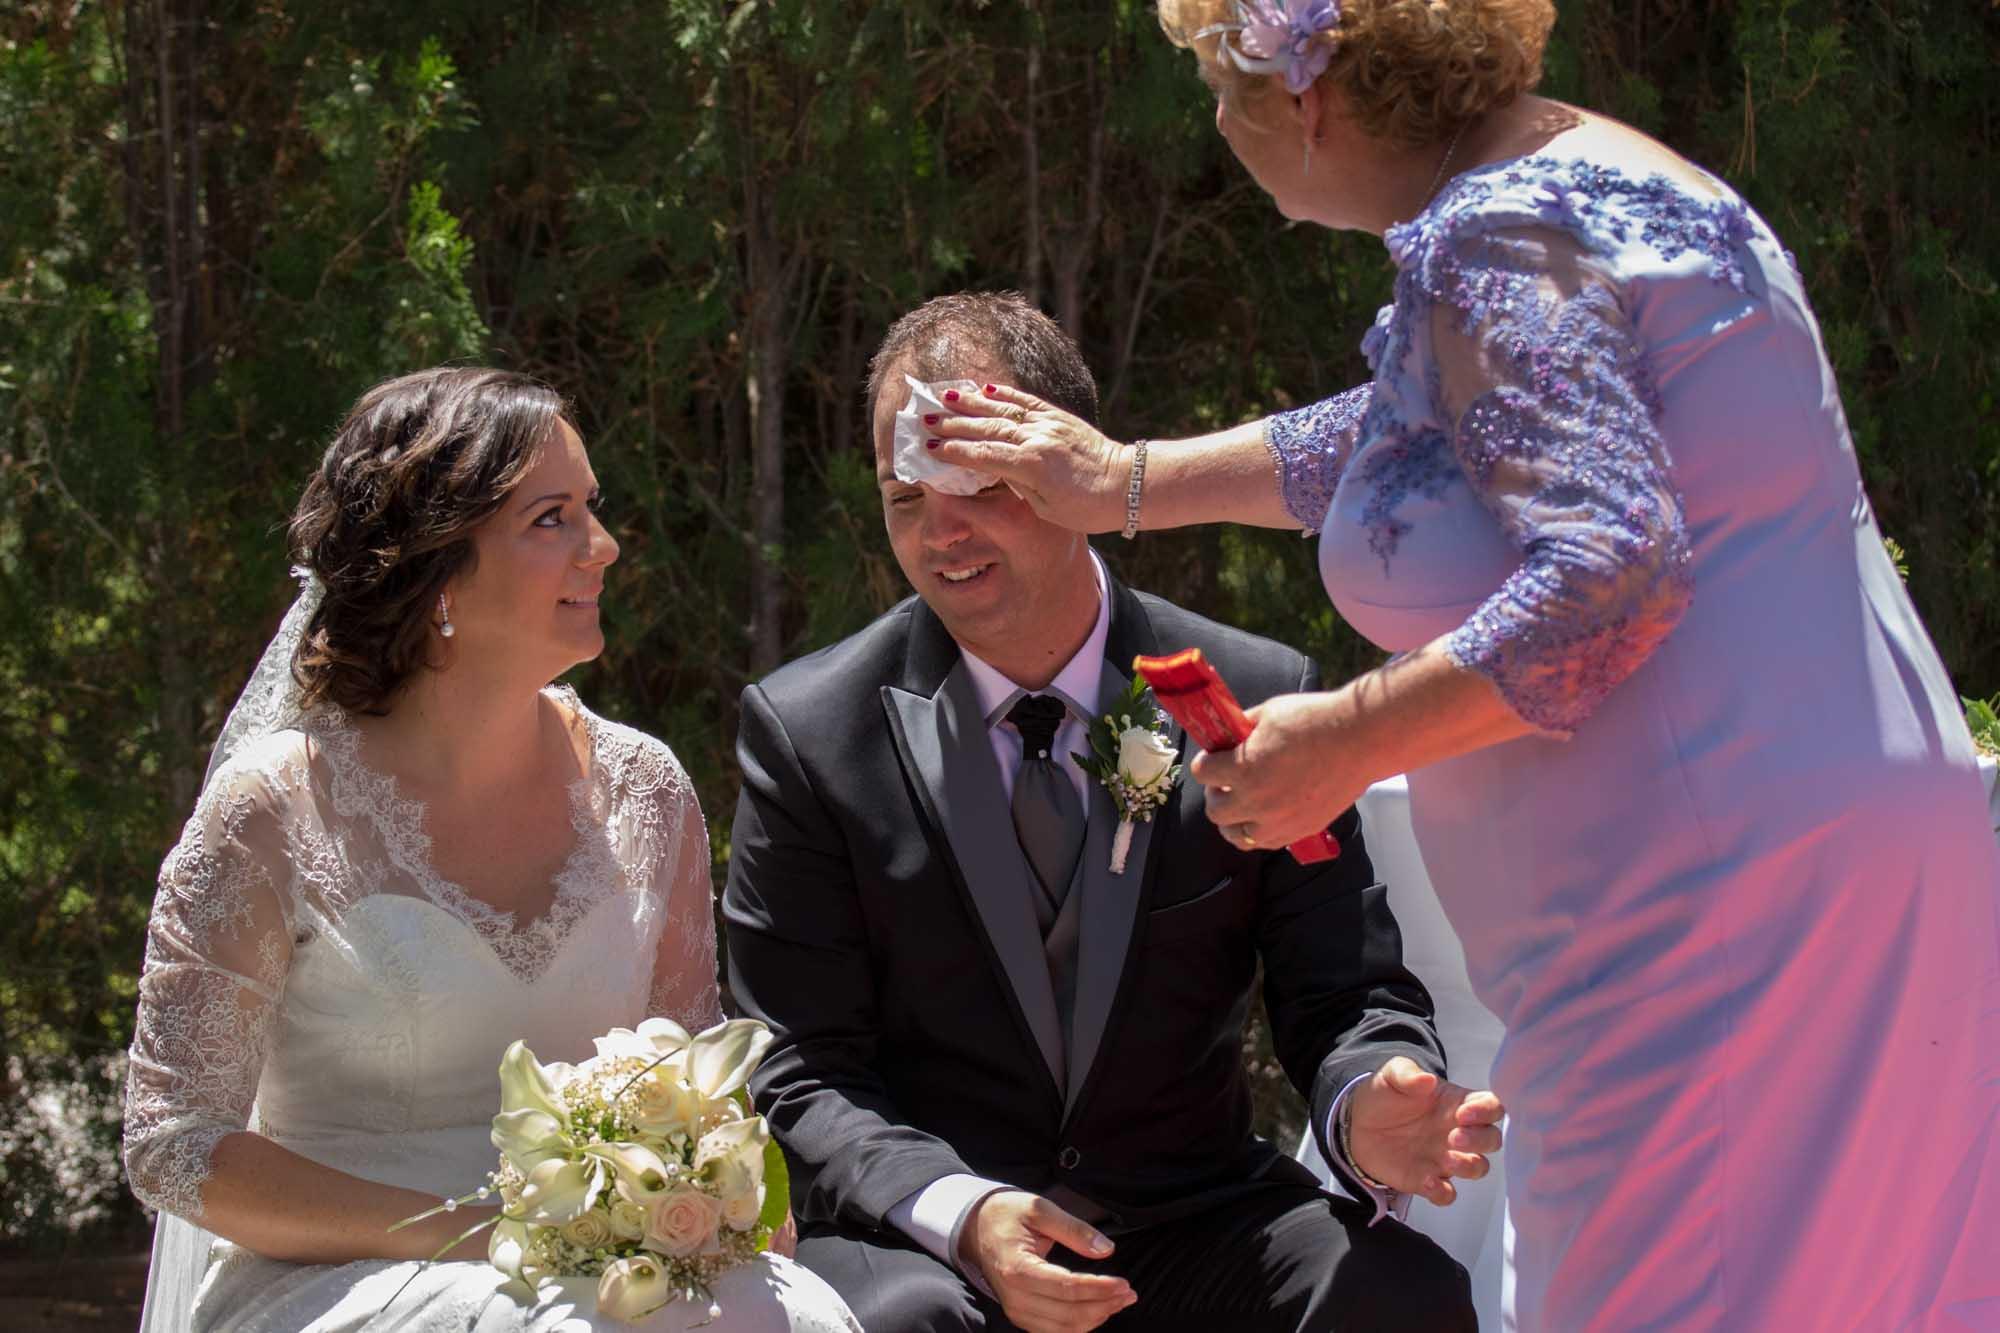 fotógrafos de boda en Valencia-ConOtroEnfoque_15075158_iw_ConOtroEnfoque